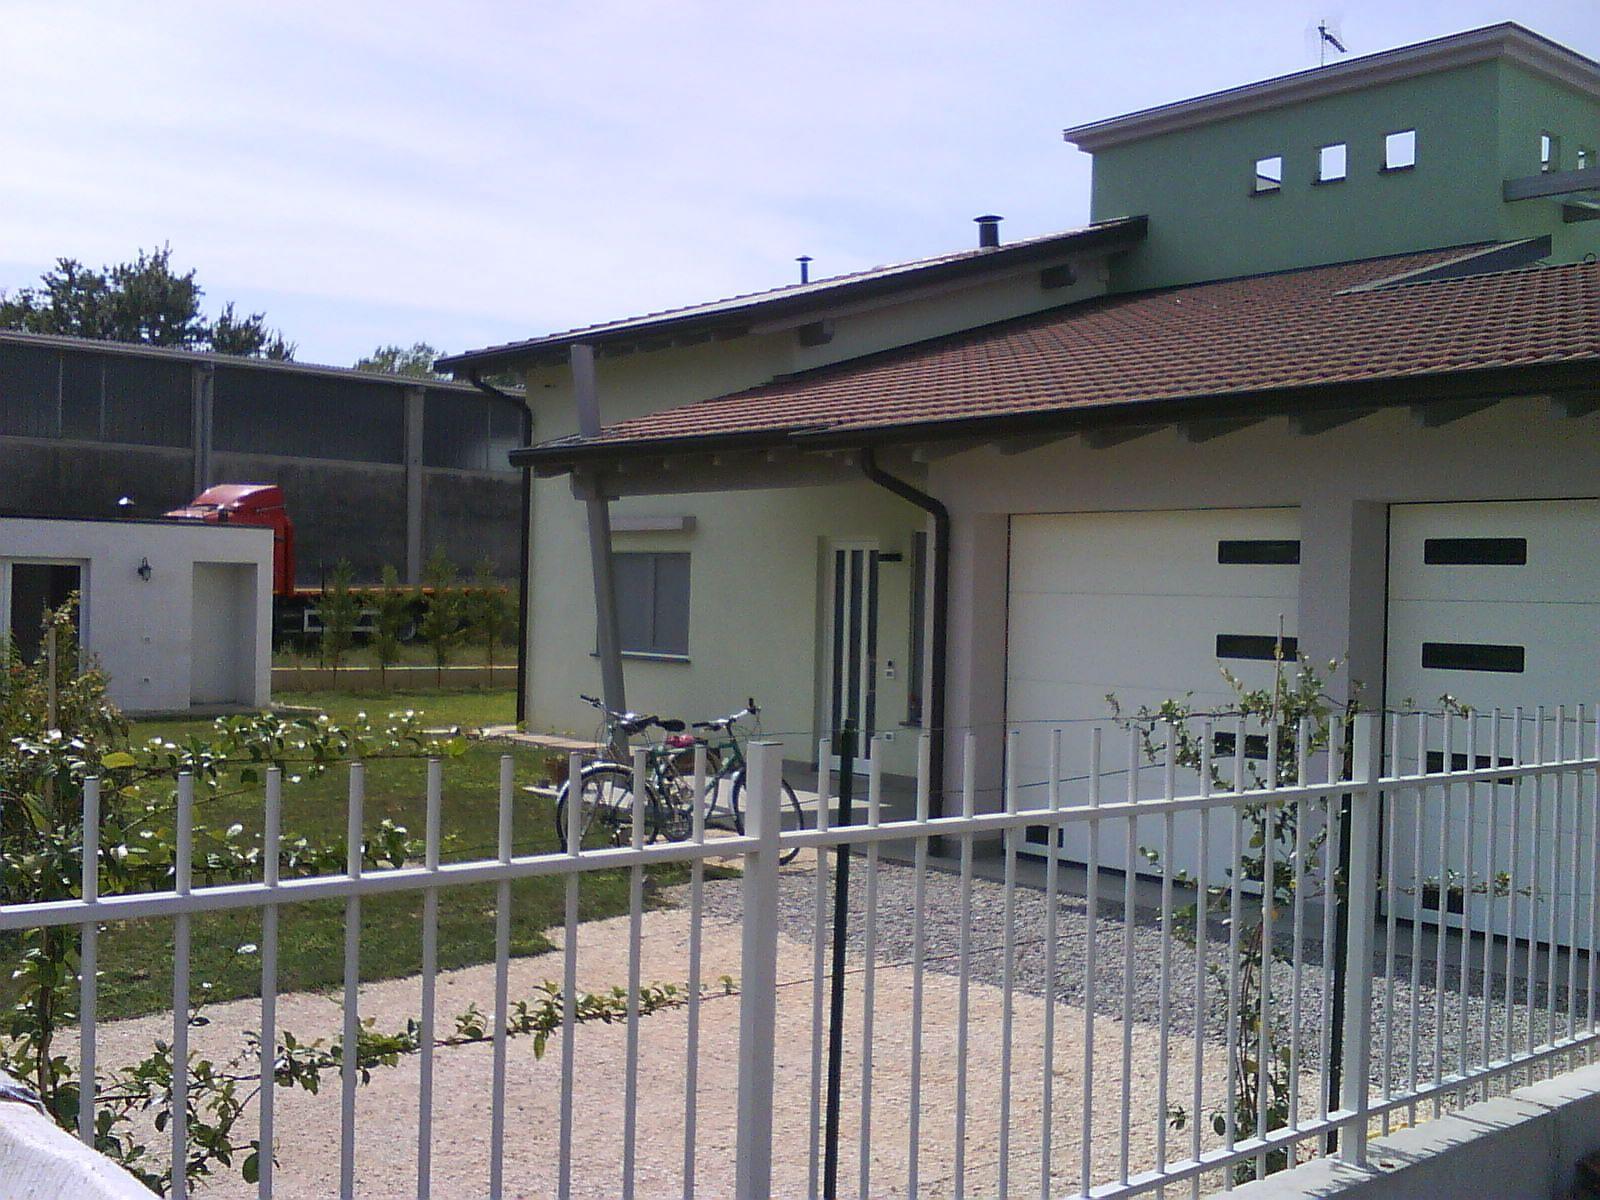 Modello Casa in Legno ABITAZIONE IN PROVICIA DI CREMONA di CasaAttiva